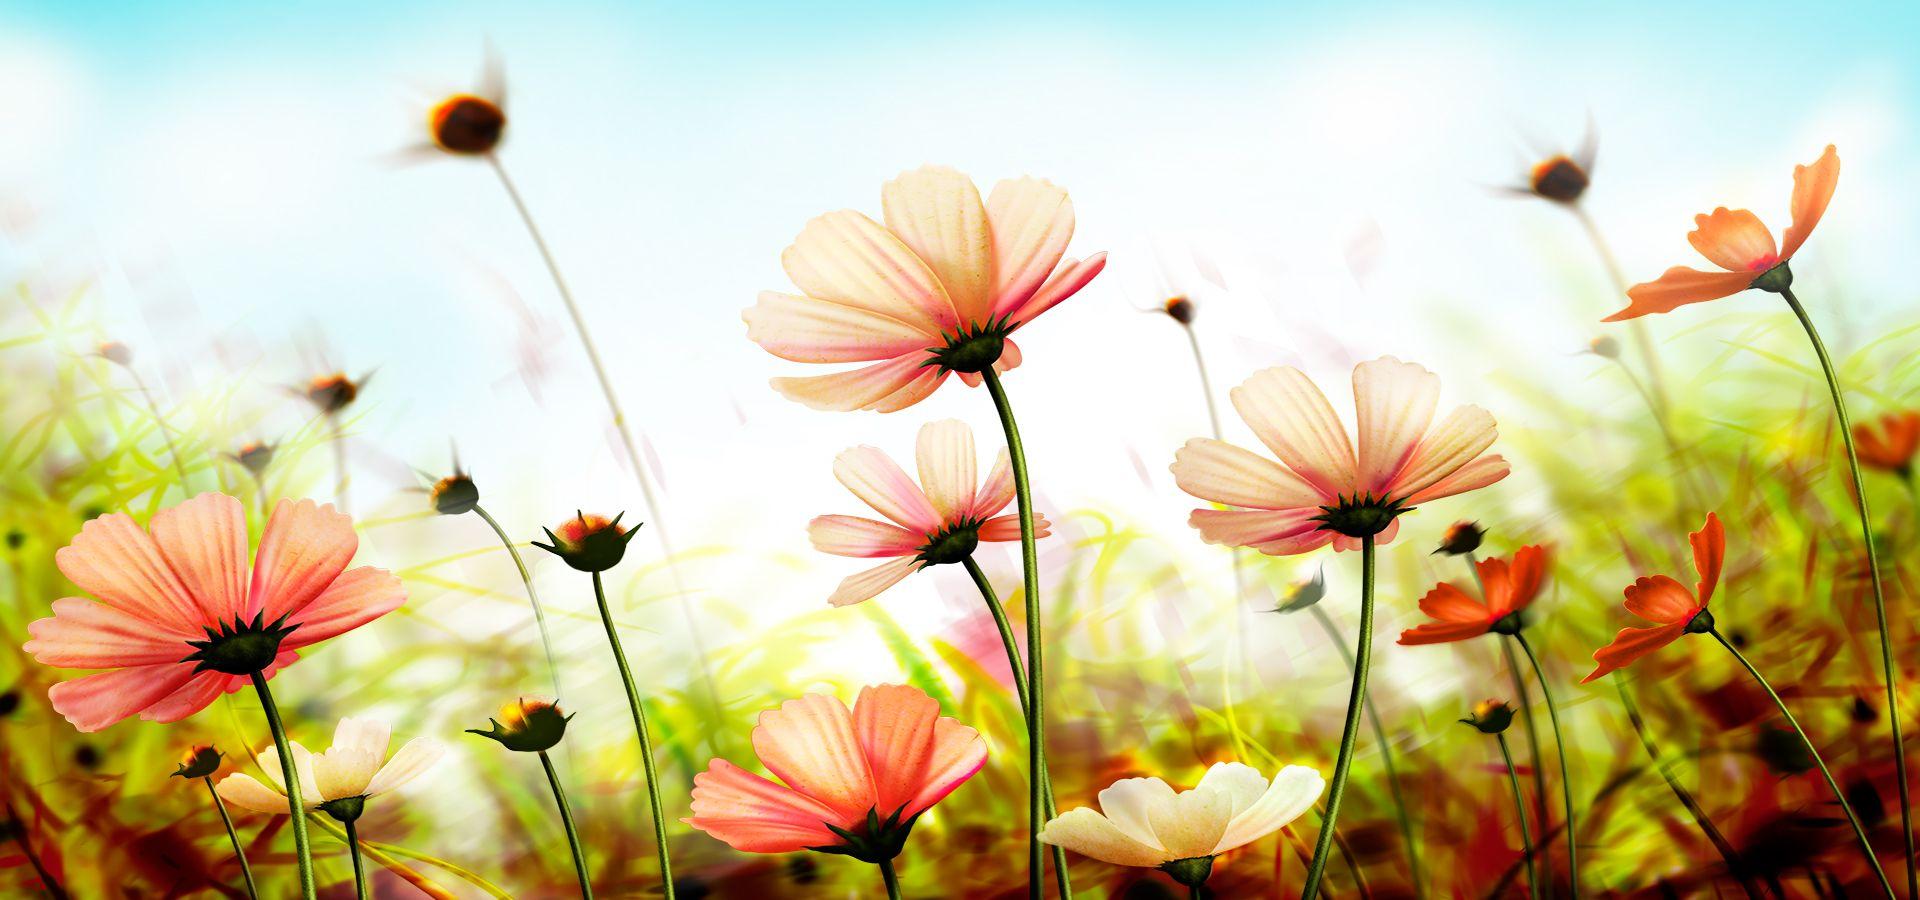 Fundo De Flores Lindas Da Natureza Summer Beach Wallpaper Flower Wallpaper Summer Wallpaper